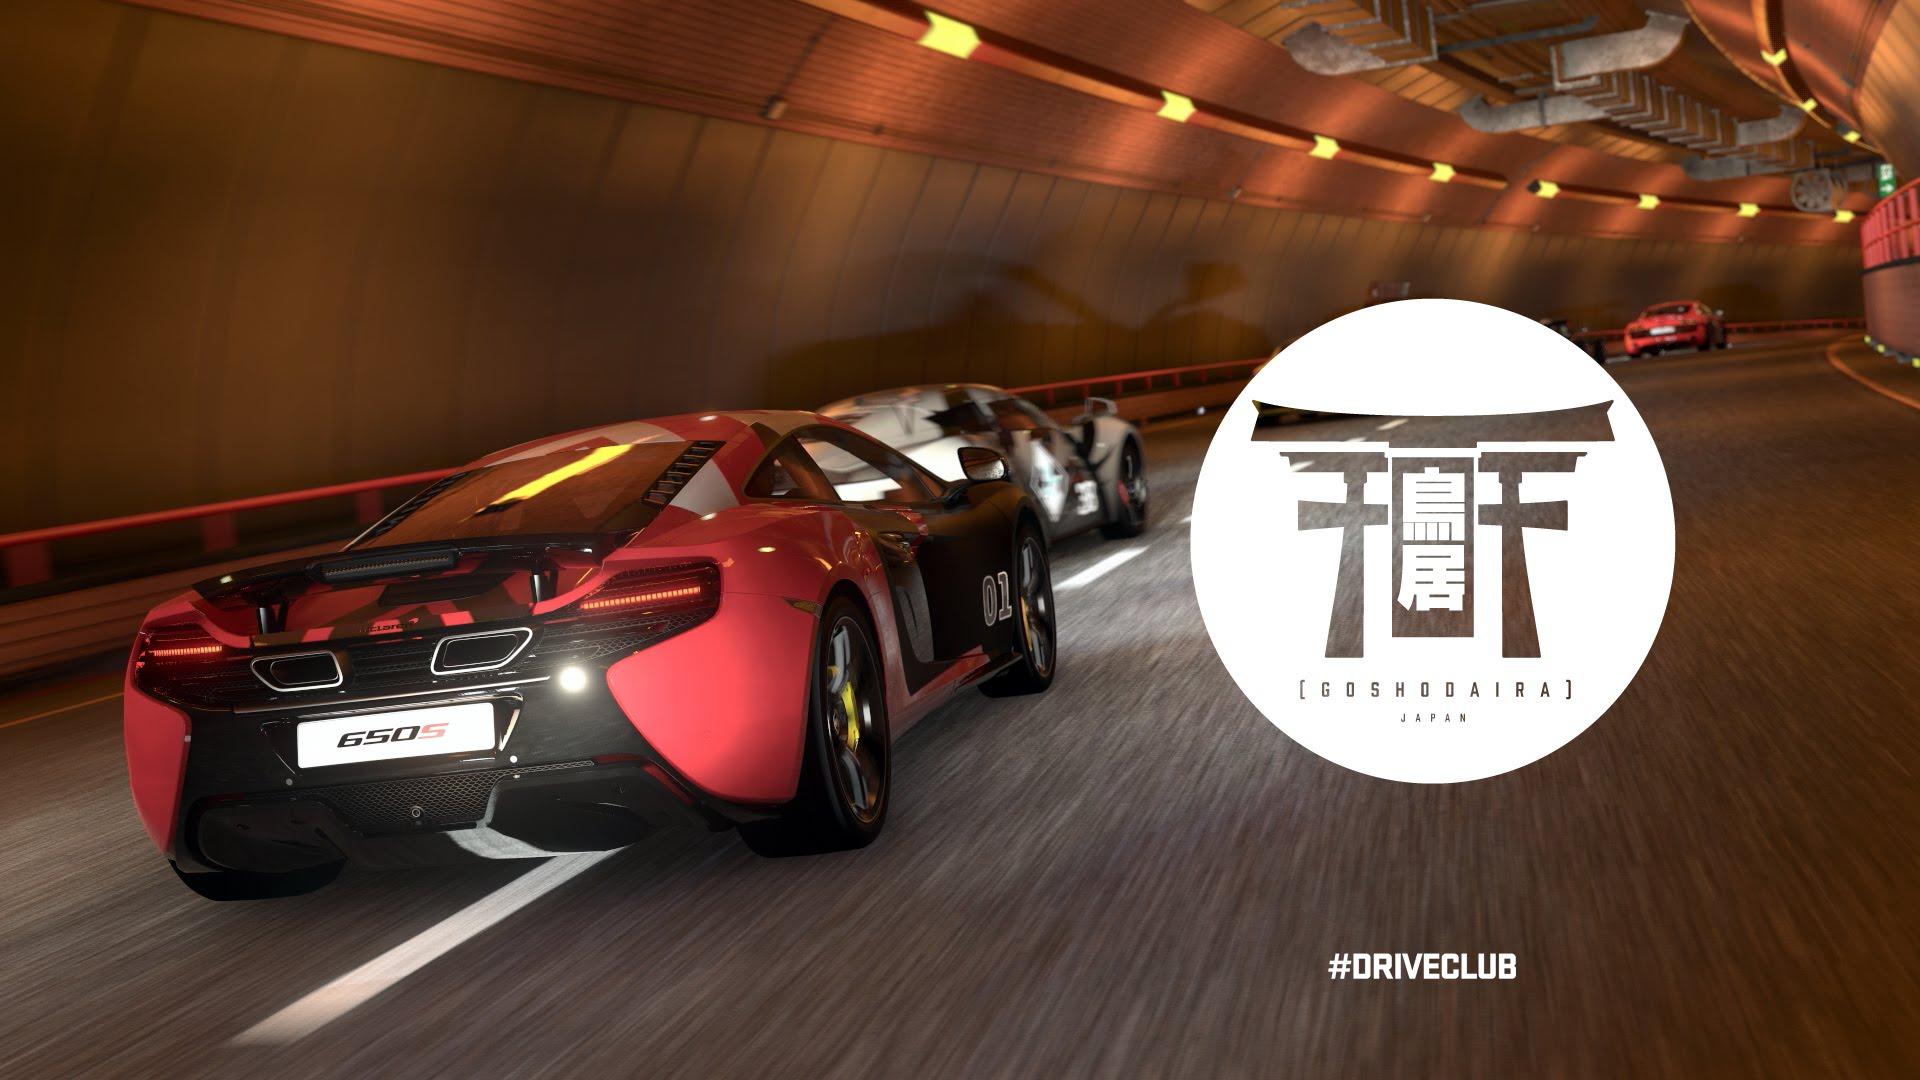 DriveClub Gameplay-Video zur Goshodaira Strecke